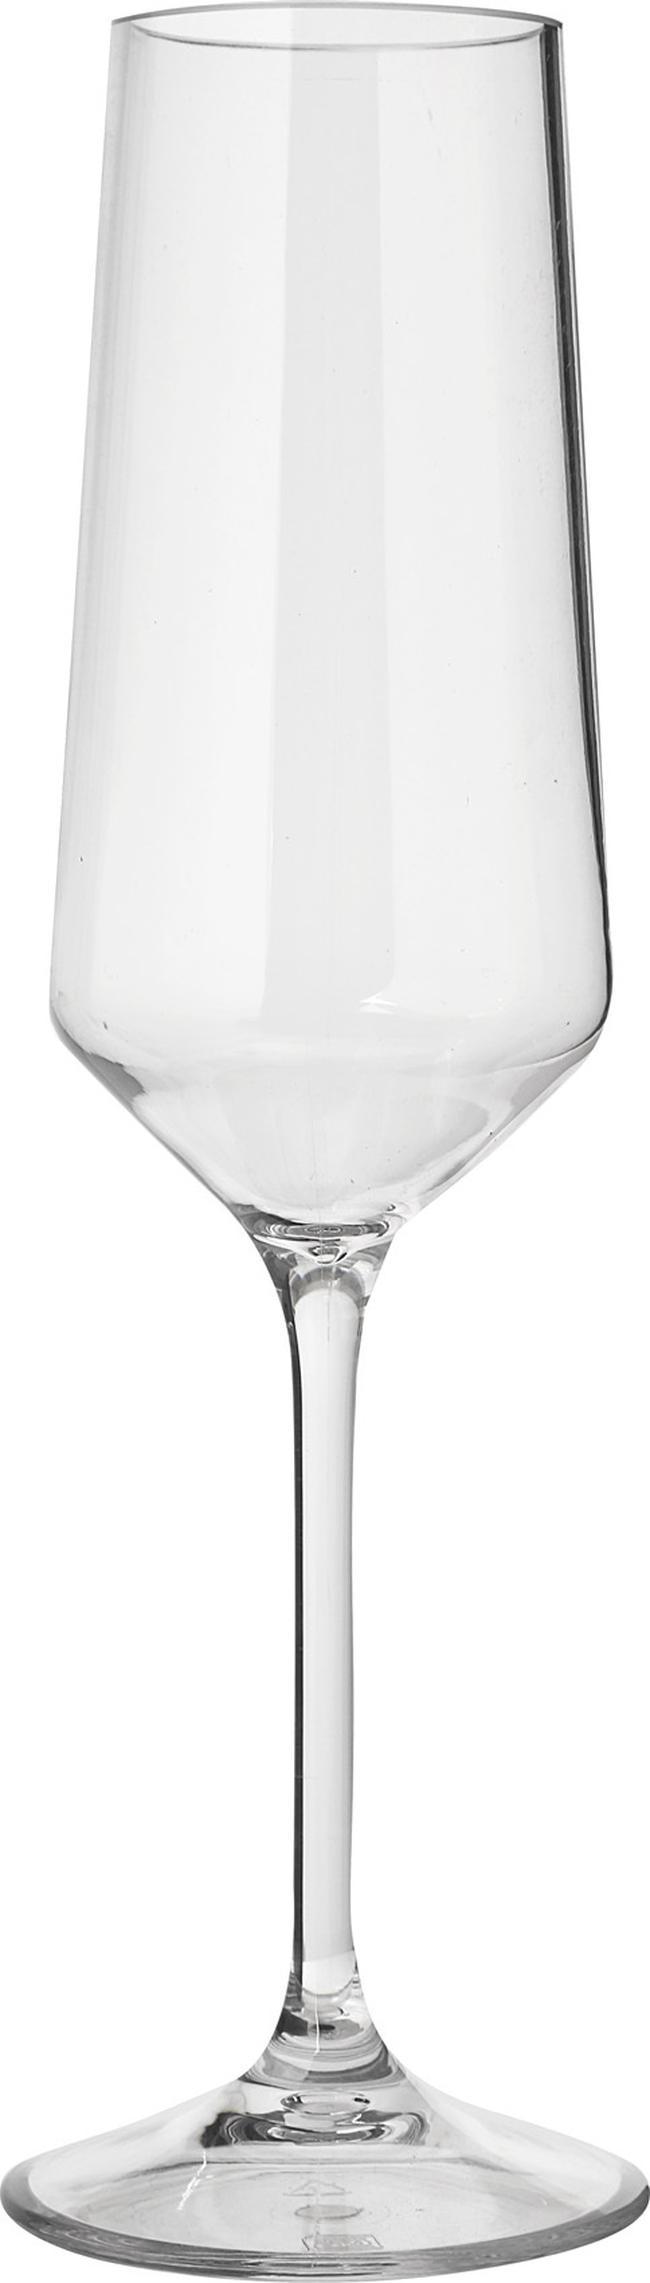 prosecco-glass